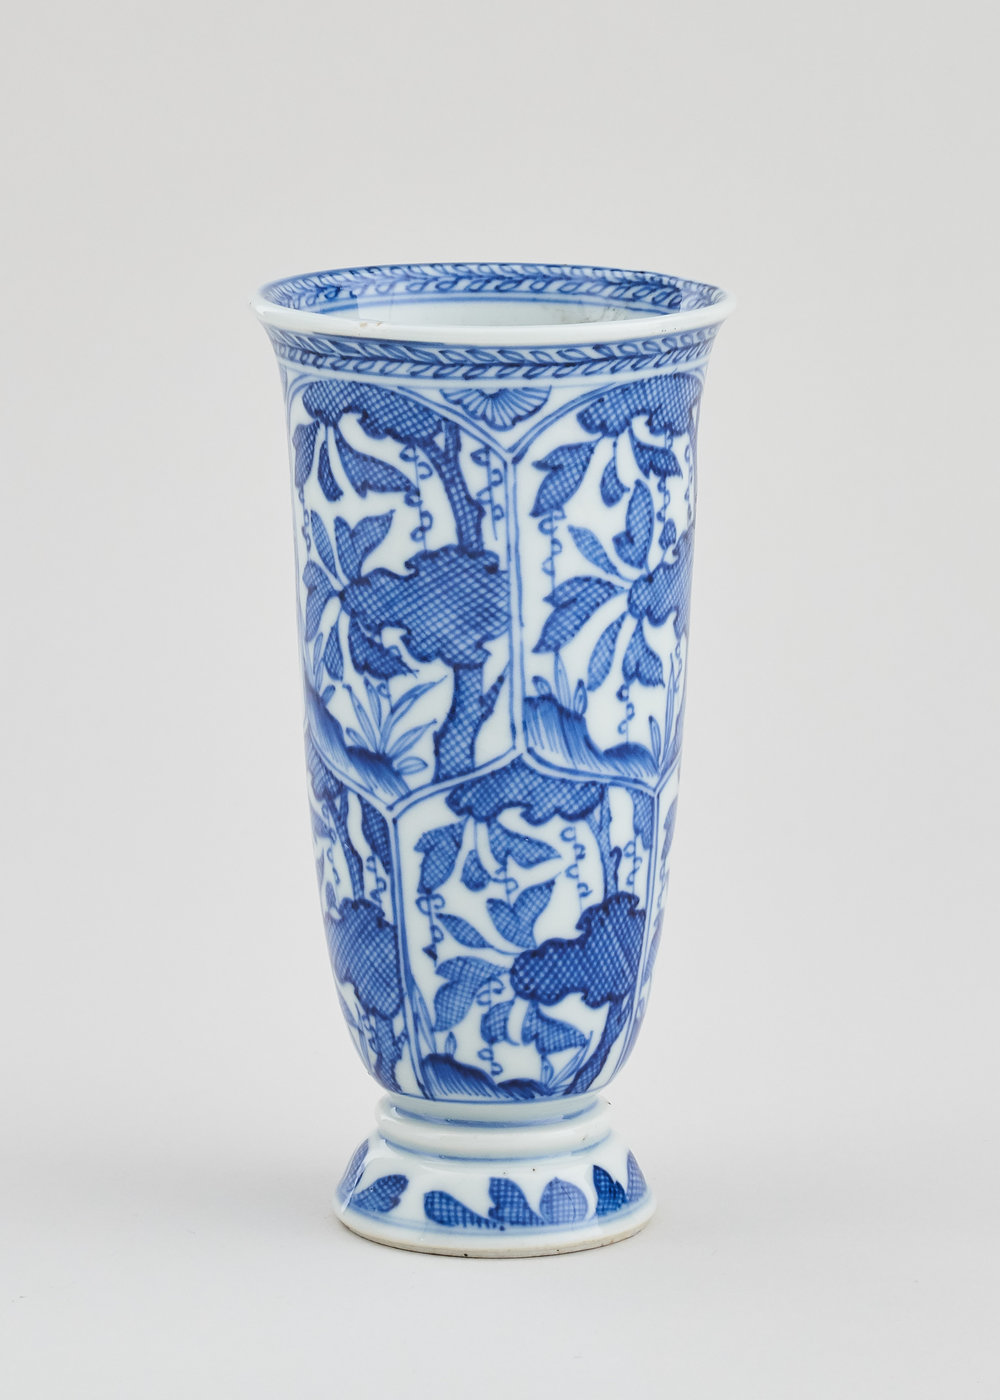 Chinese-Porcelain-20.11.187752.jpg